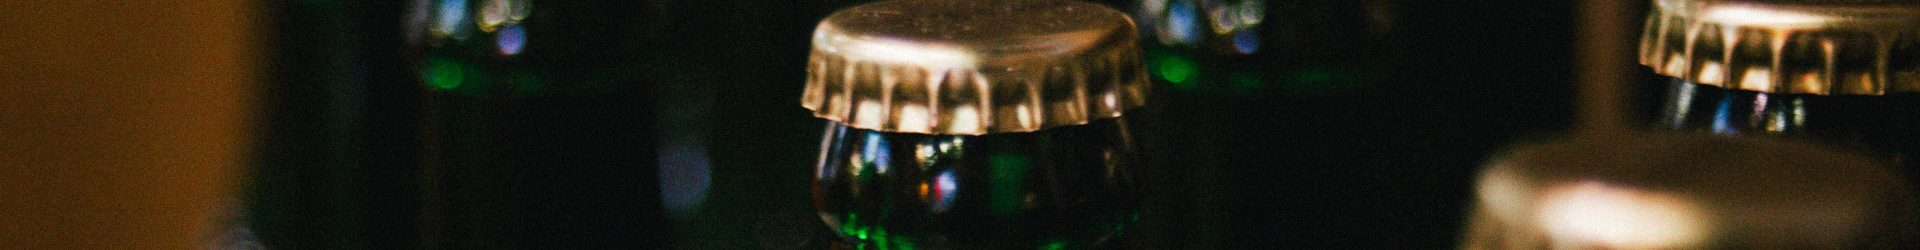 Gestión de mantenimiento: caso de éxito en la industria cervecera